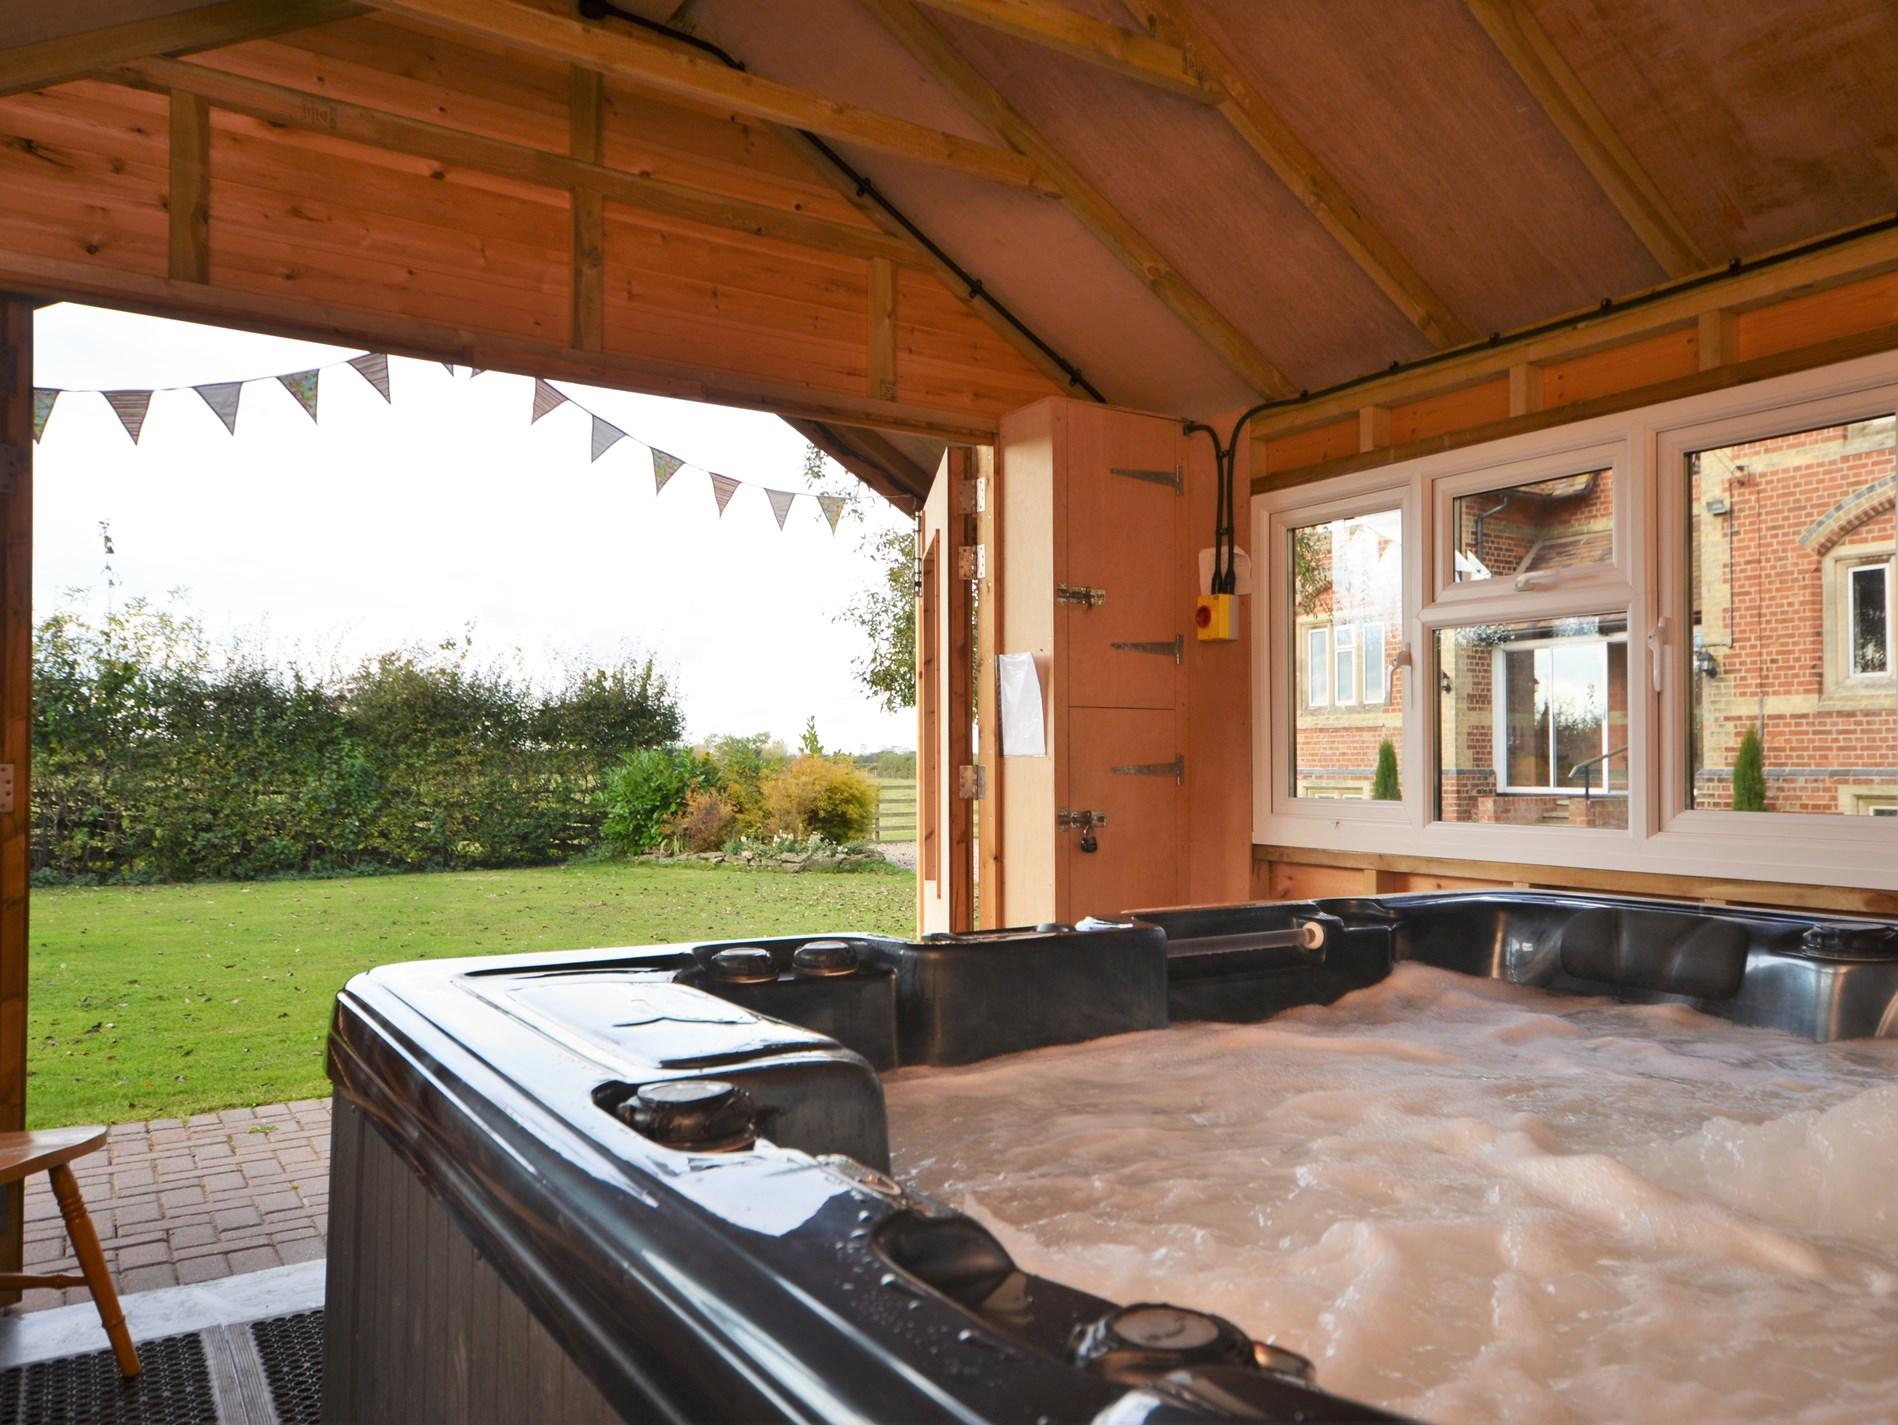 Luxurious hot tub